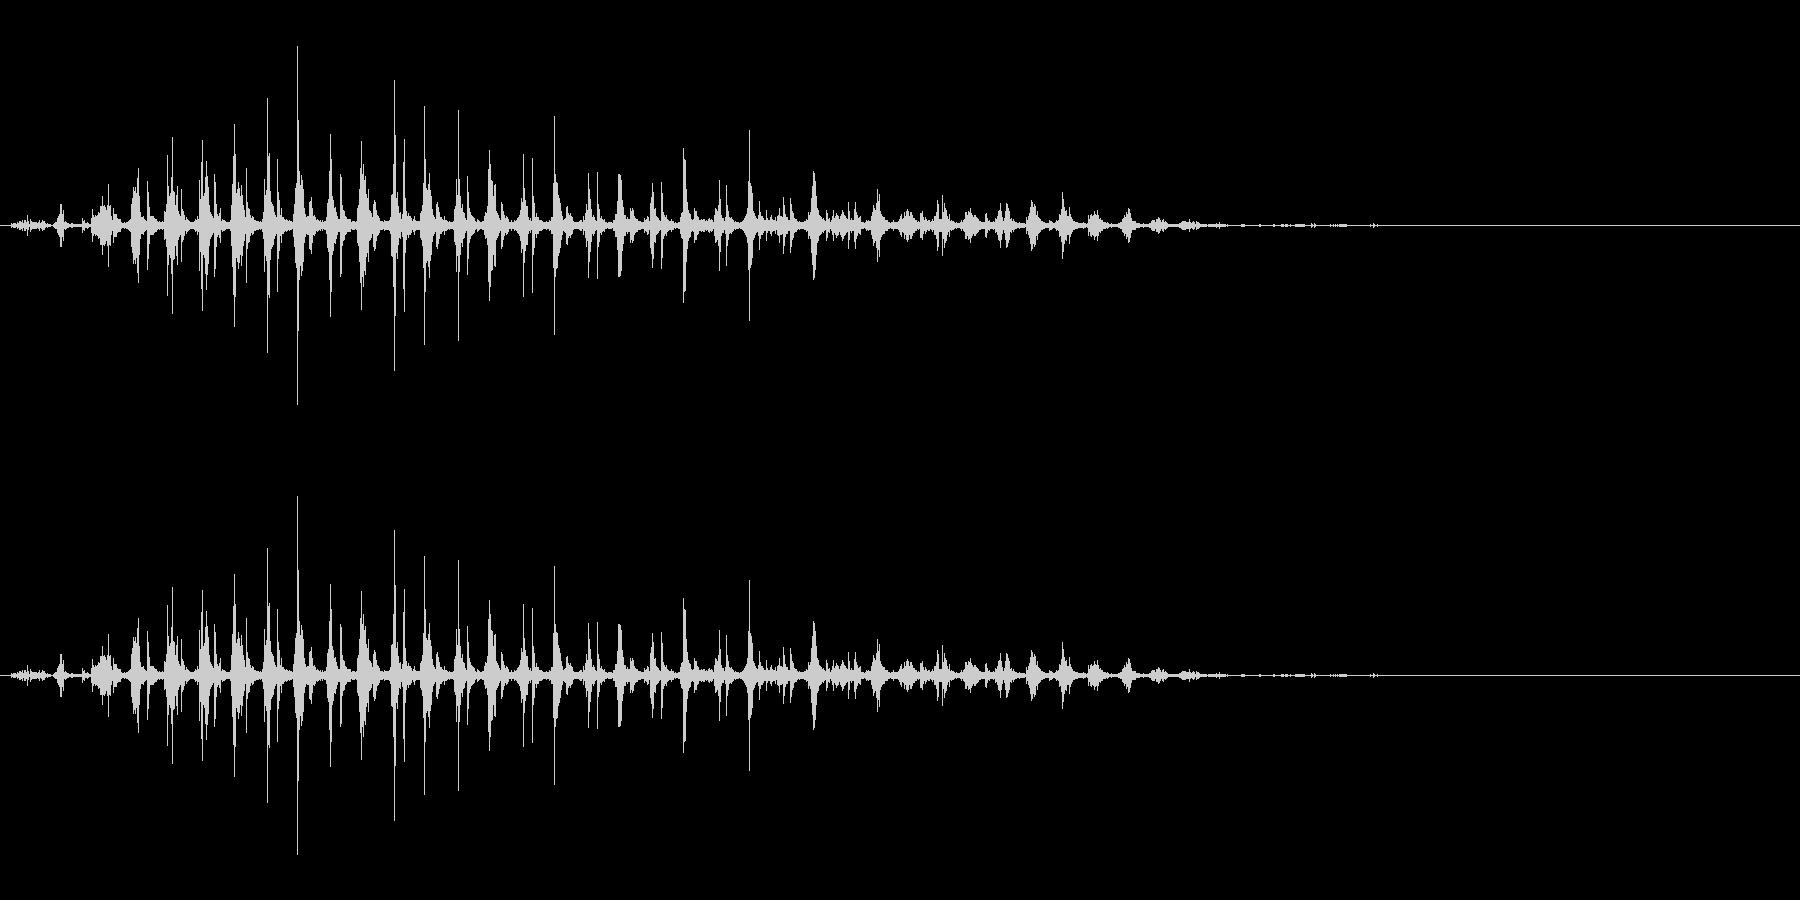 「パタパタパタ〜」鳥の羽ばたきの擬音の未再生の波形